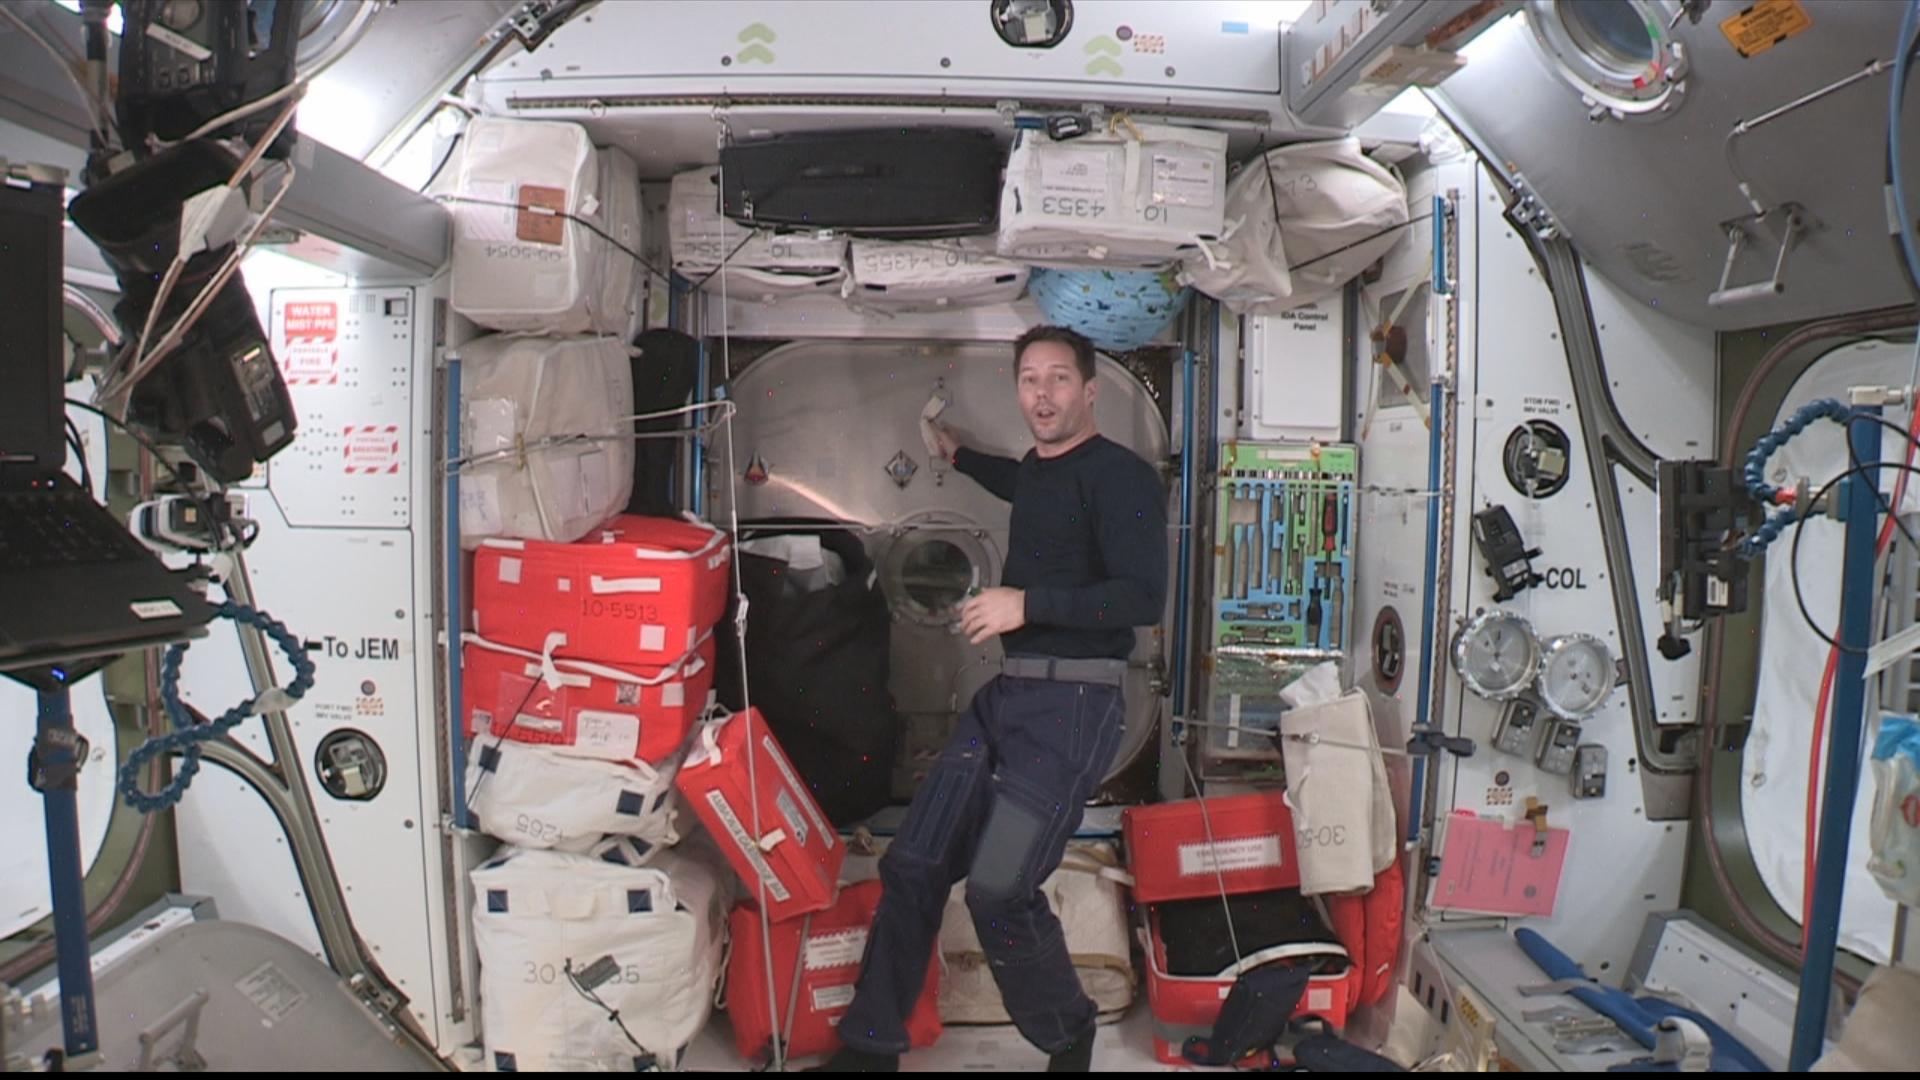 Journal de bord Mission Alpha : visite du nouveau module de l'ISS avec Thomas Pesquet